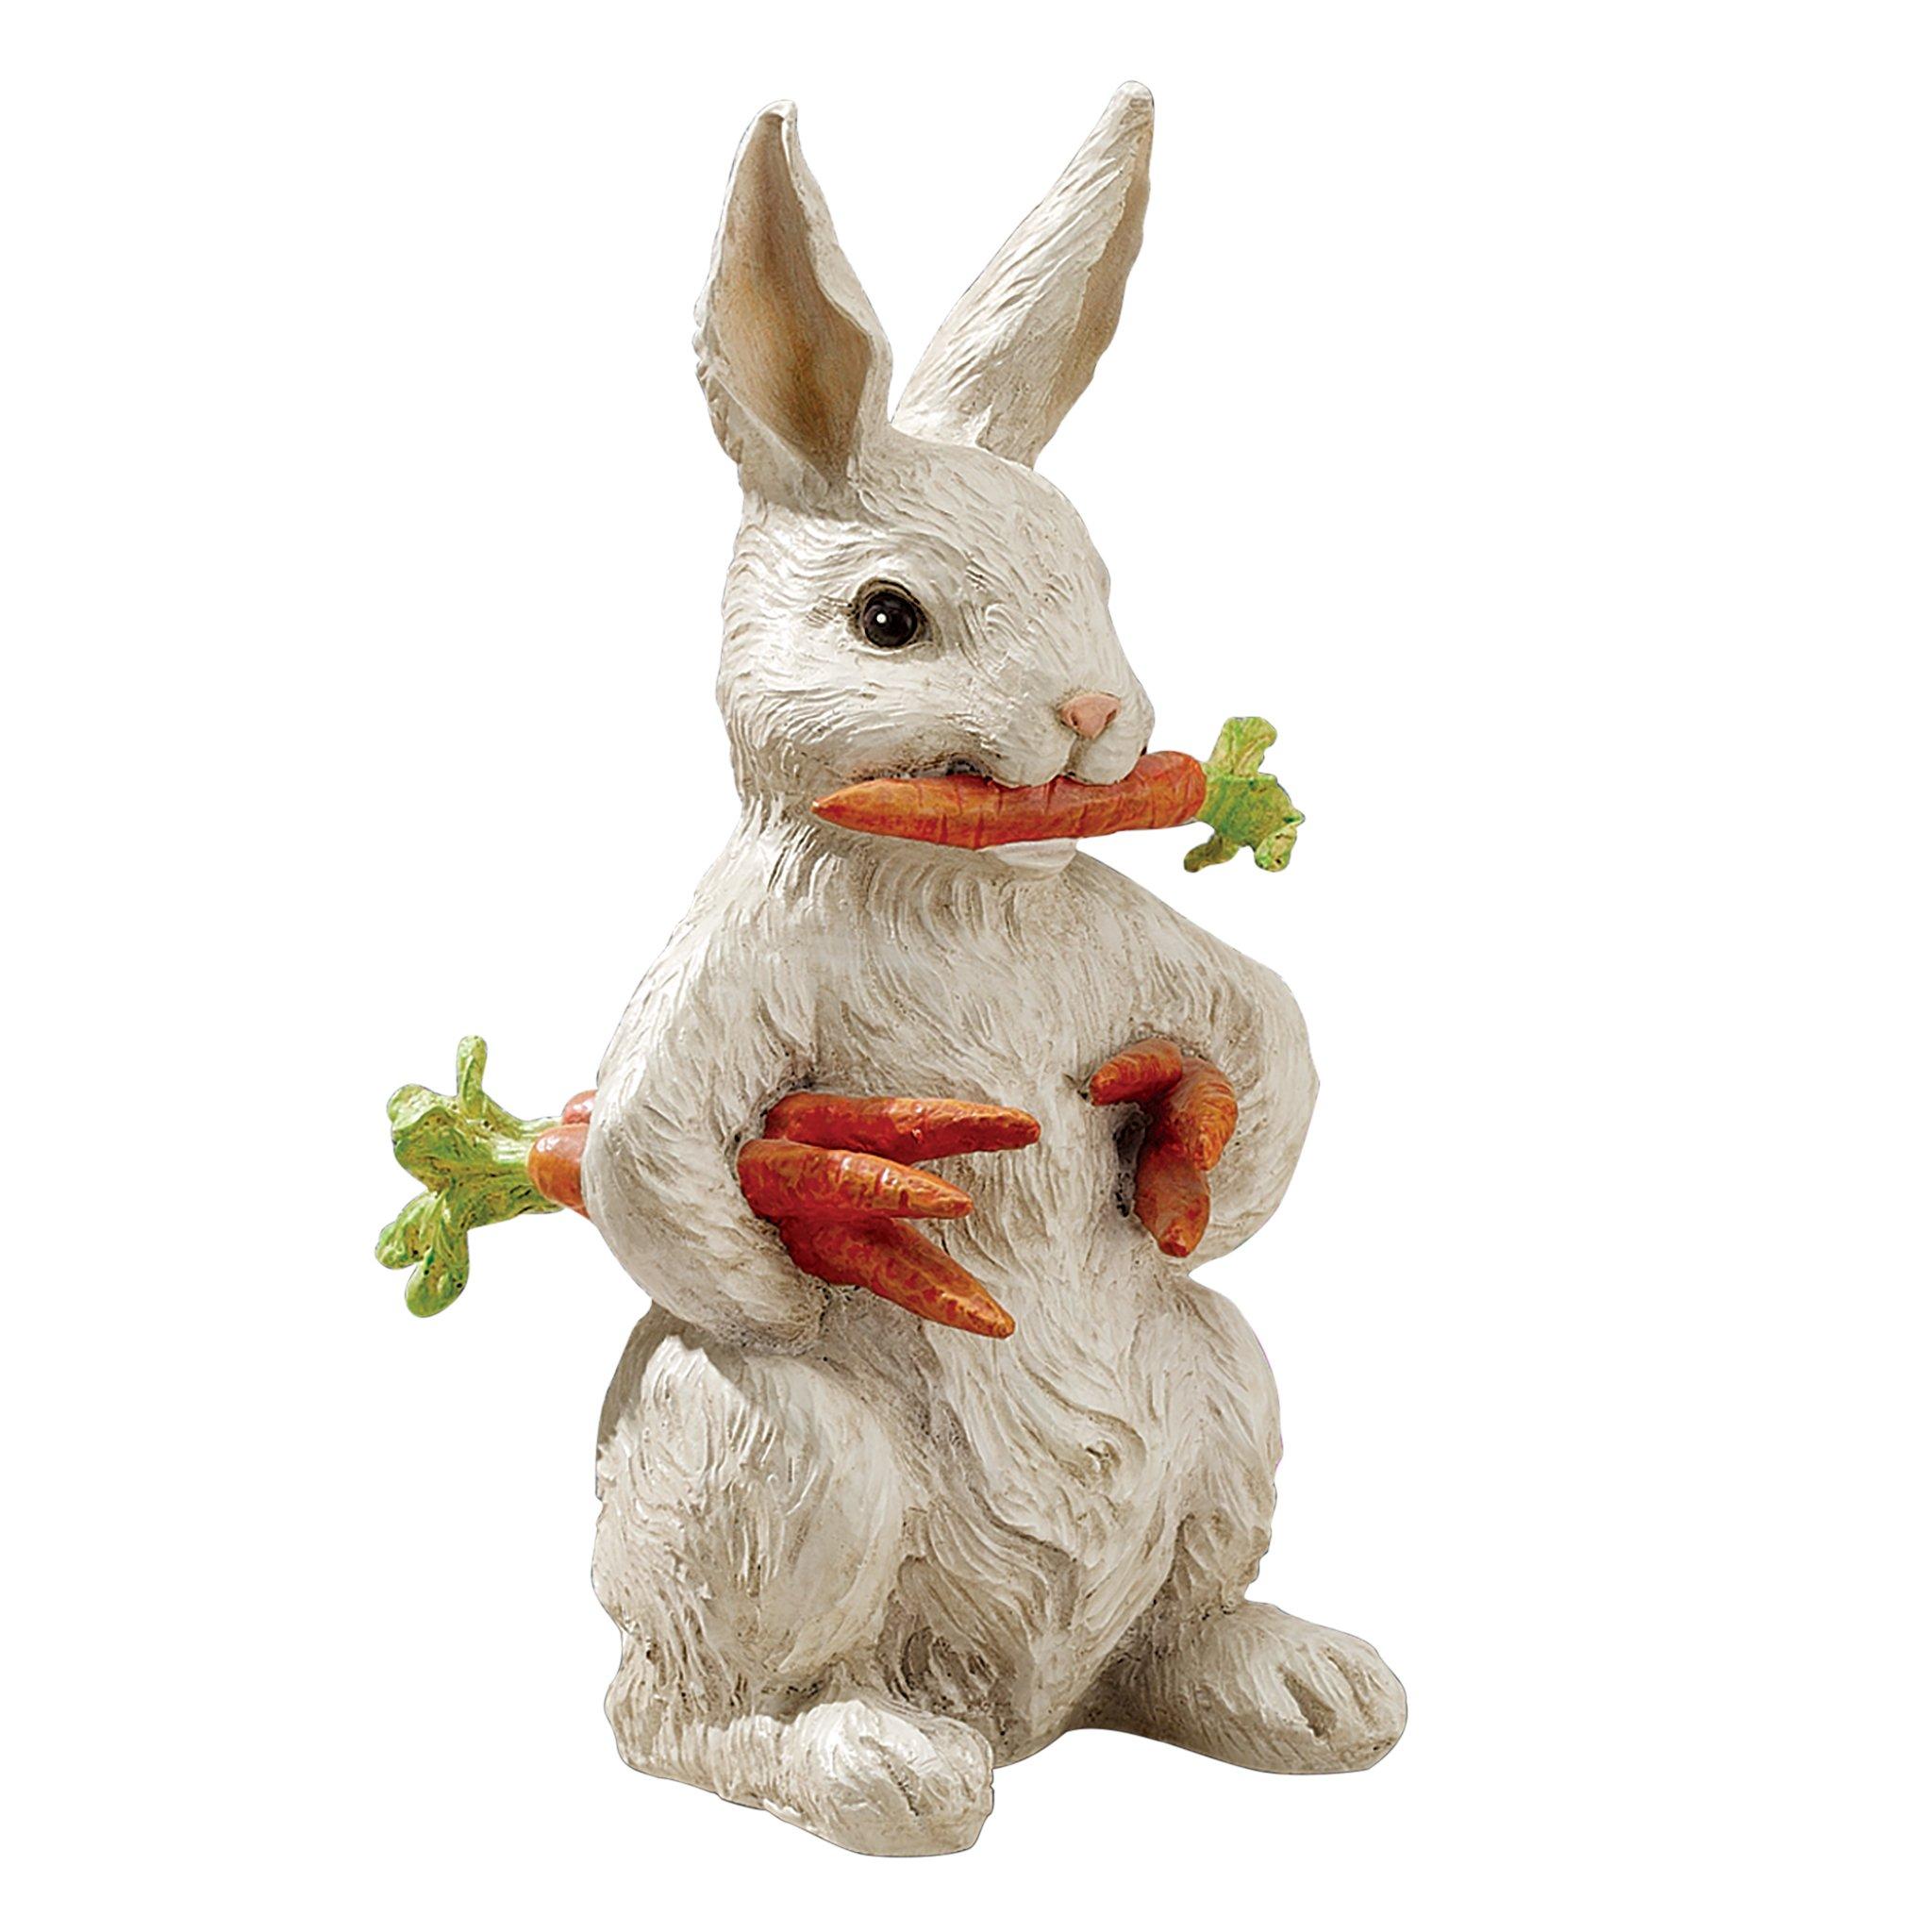 Design Toscano EU1054 Carotene The Rabbit with Carrots Easter Decor Garden Statue, 12 Inch Full Color